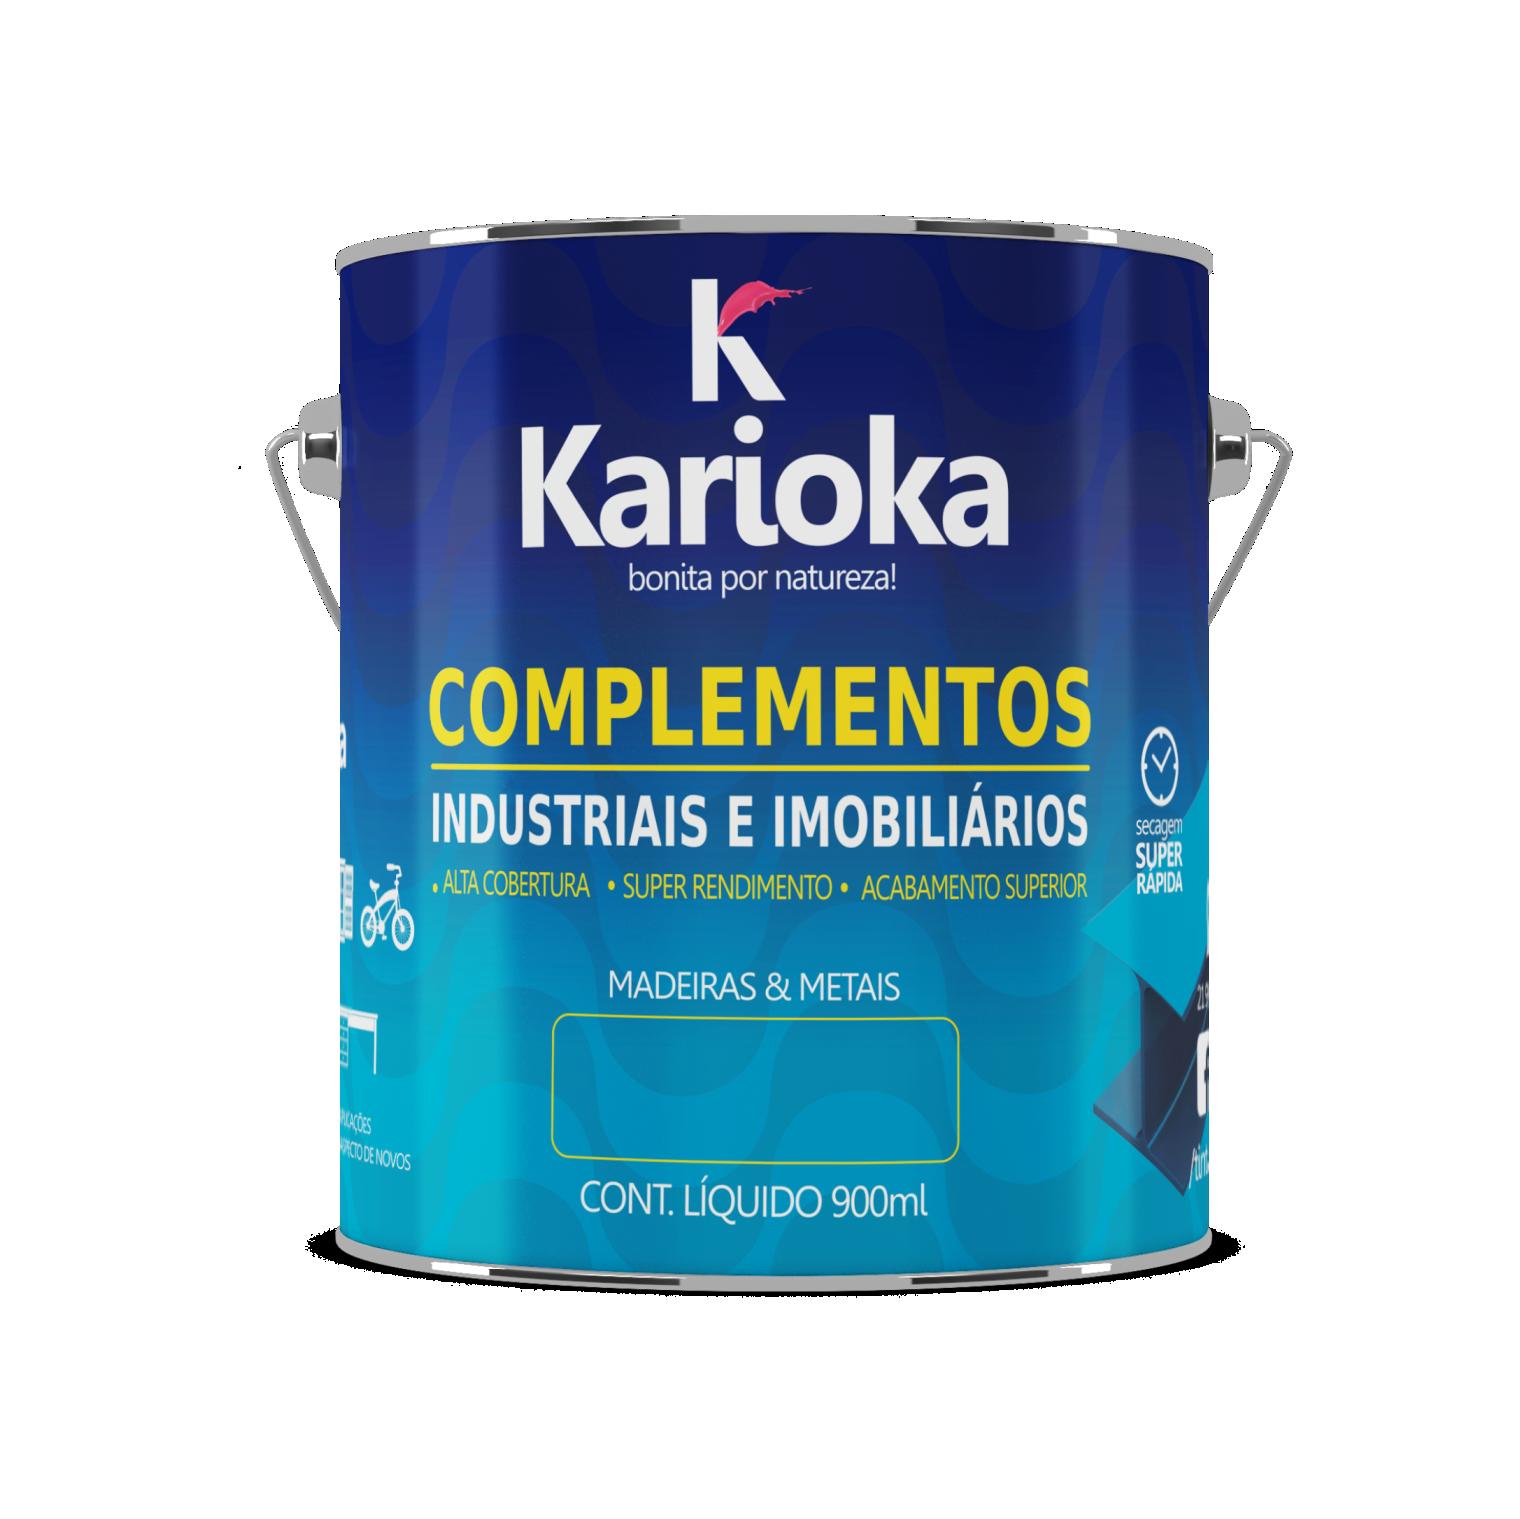 FUNDO PREPARADOR DE PAREDES KARIOKA